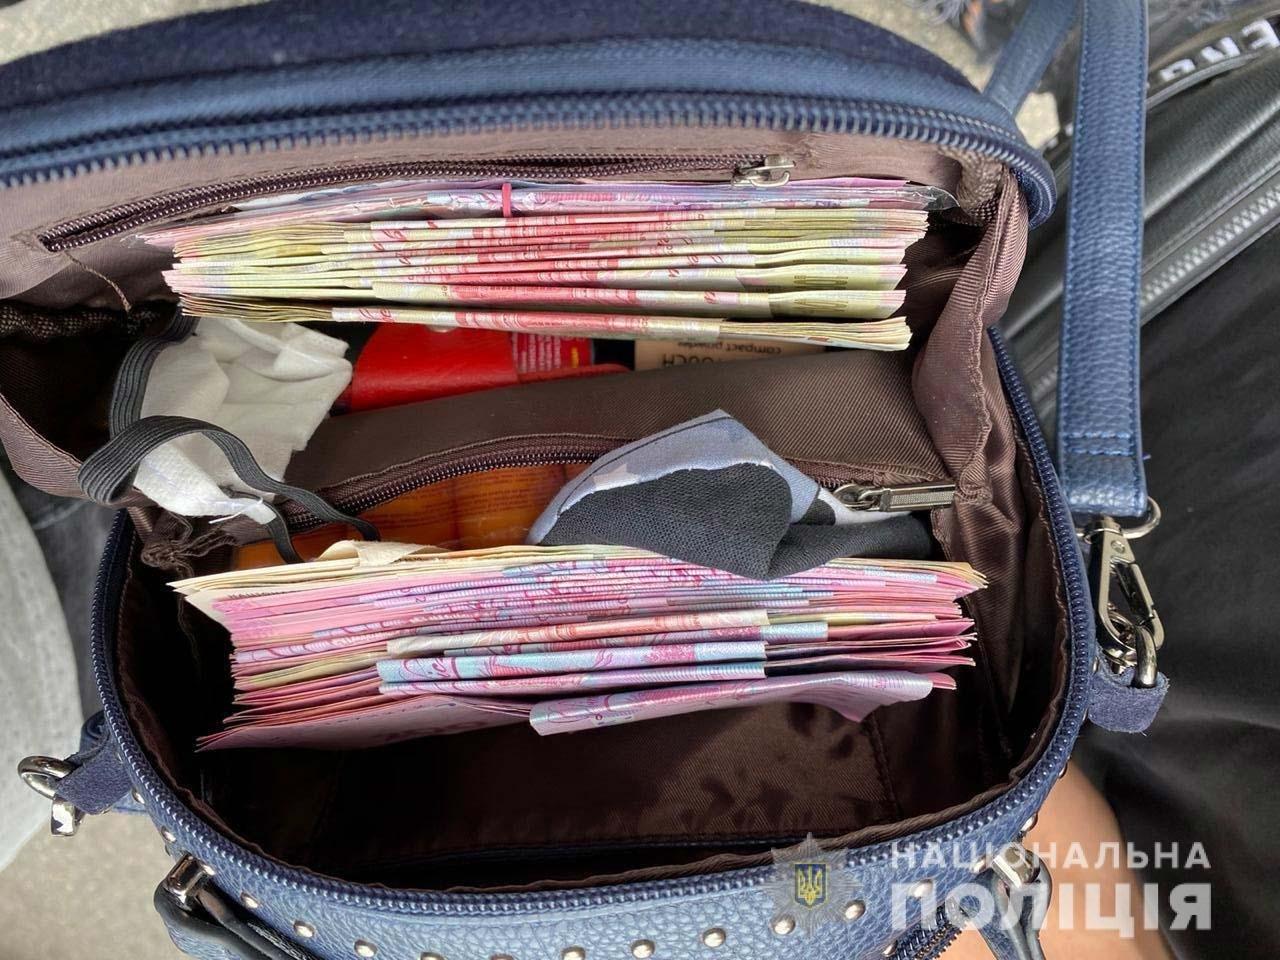 В Днепре группа злоумышленников под предлогом проверки счетчика проникала в квартиры и крала там деньги, - ФОТО, фото-2